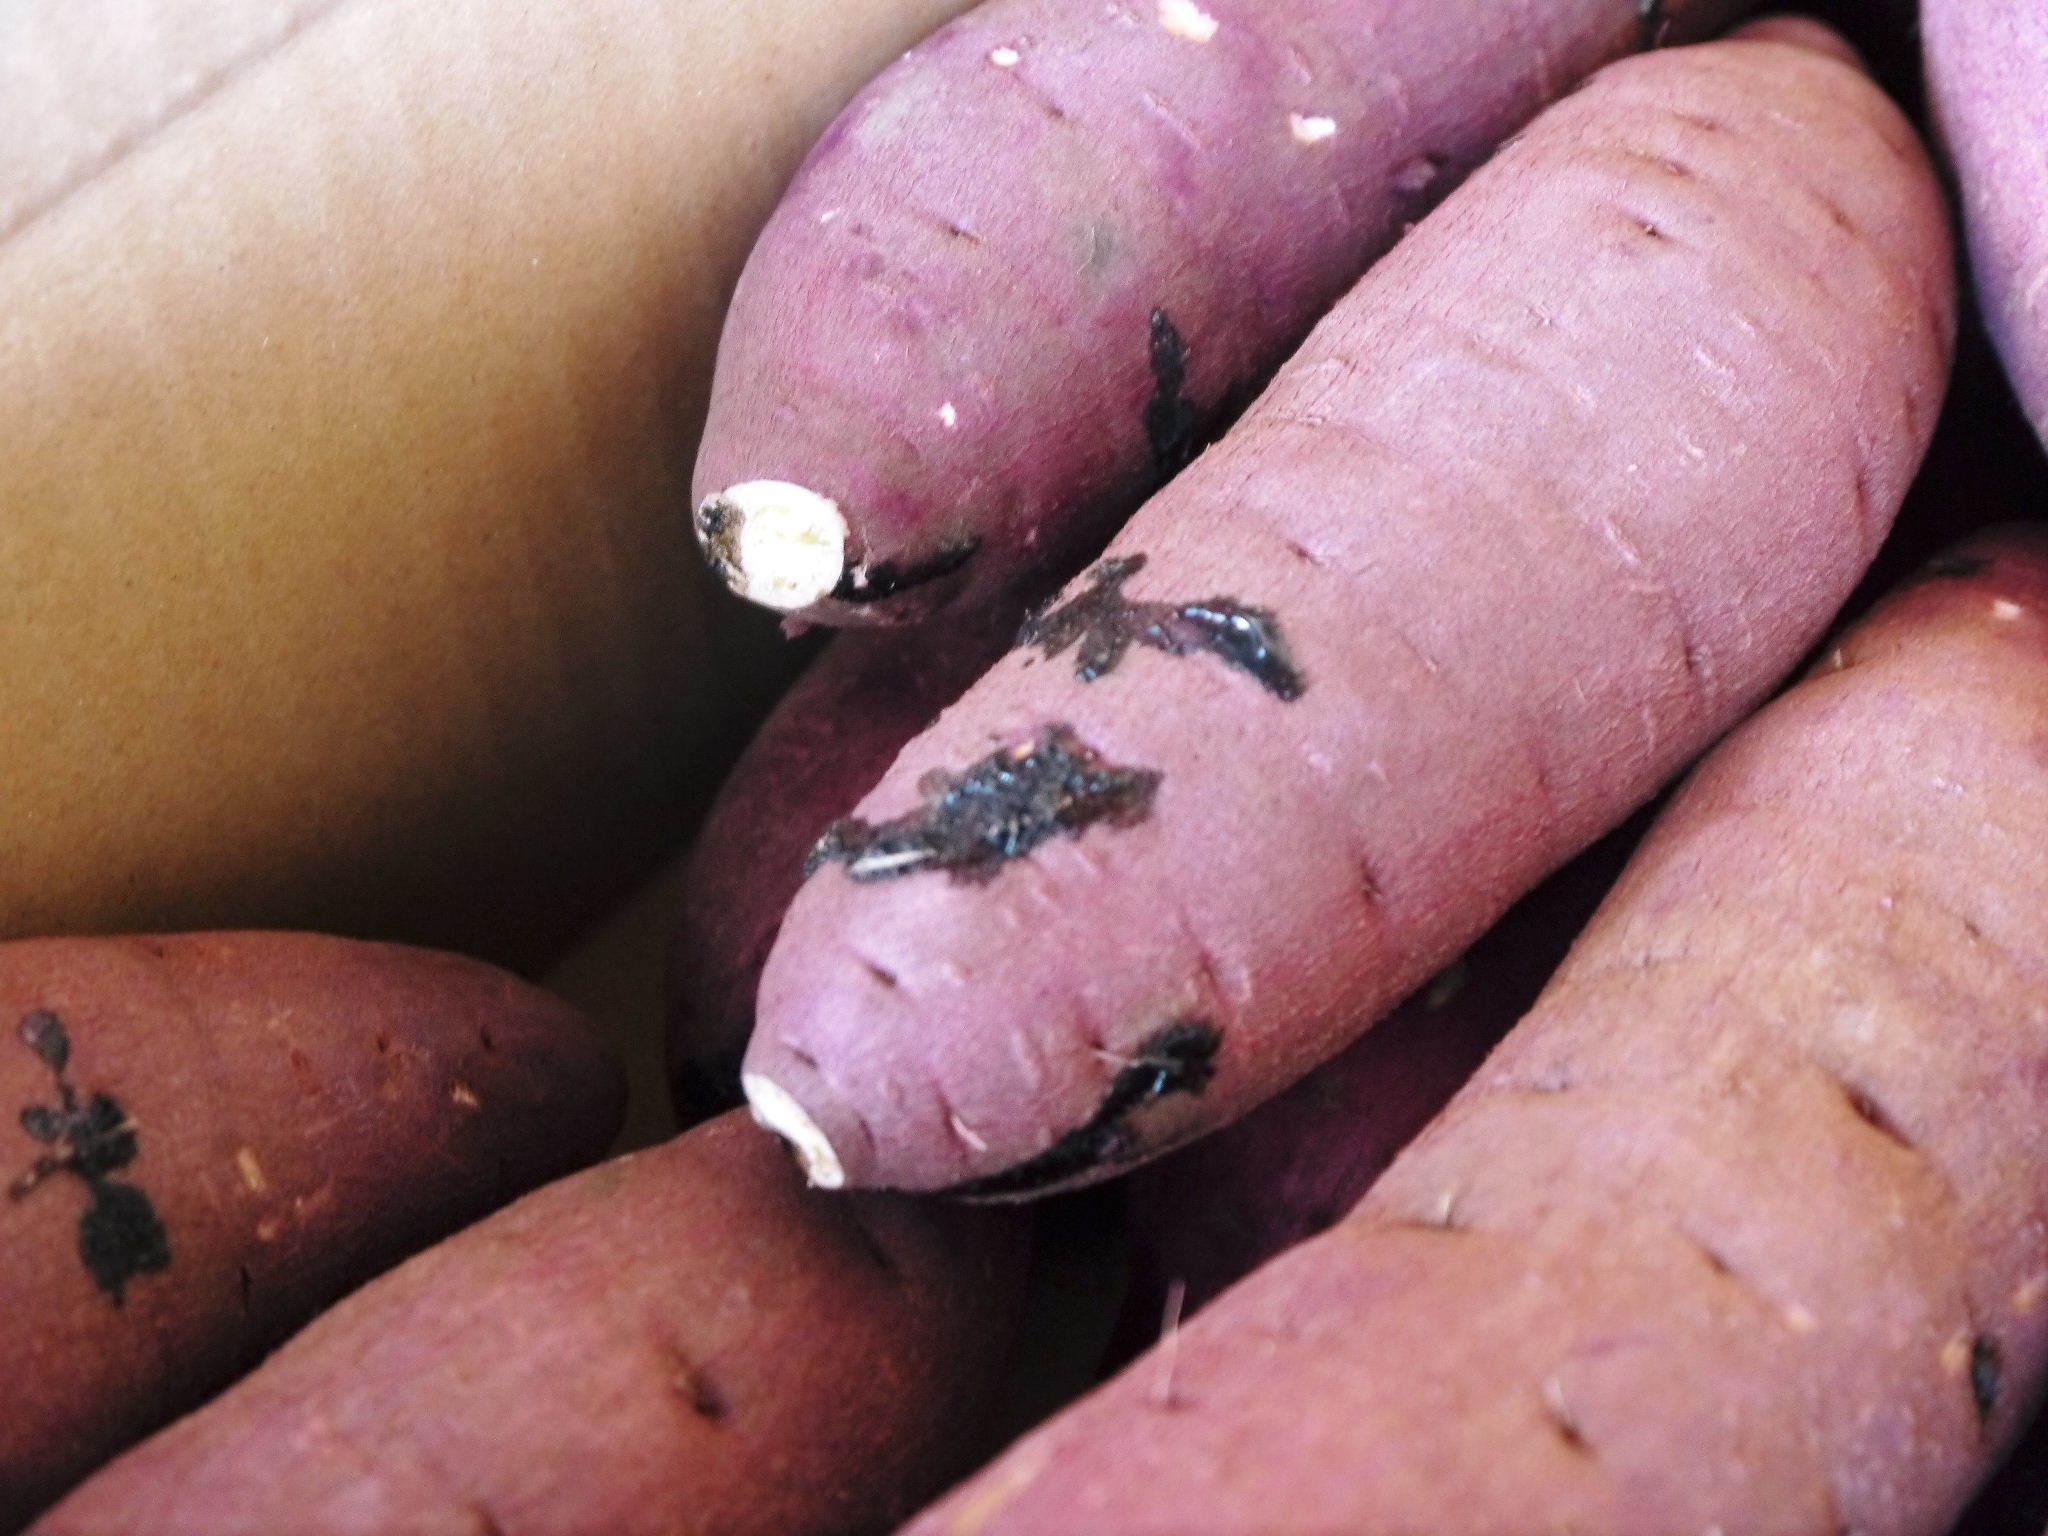 熊本産大津甘藷『からいも(サツマイモ)』の販売に向け、生産農家を現地取材(後編)_a0254656_17192276.jpg